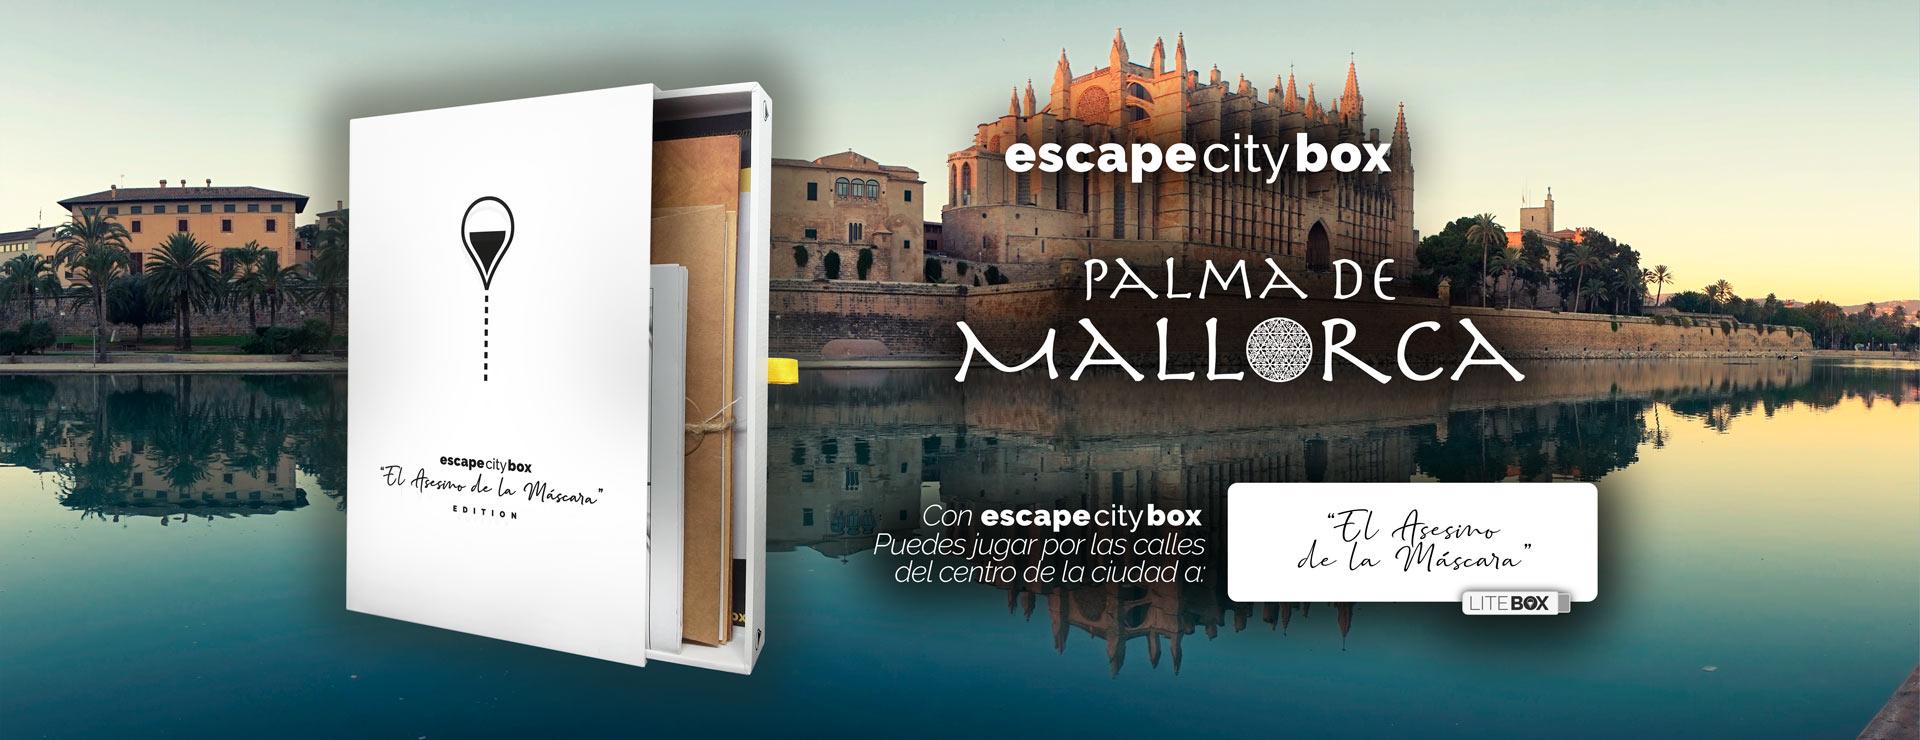 City Escape en Palma de Mallorca